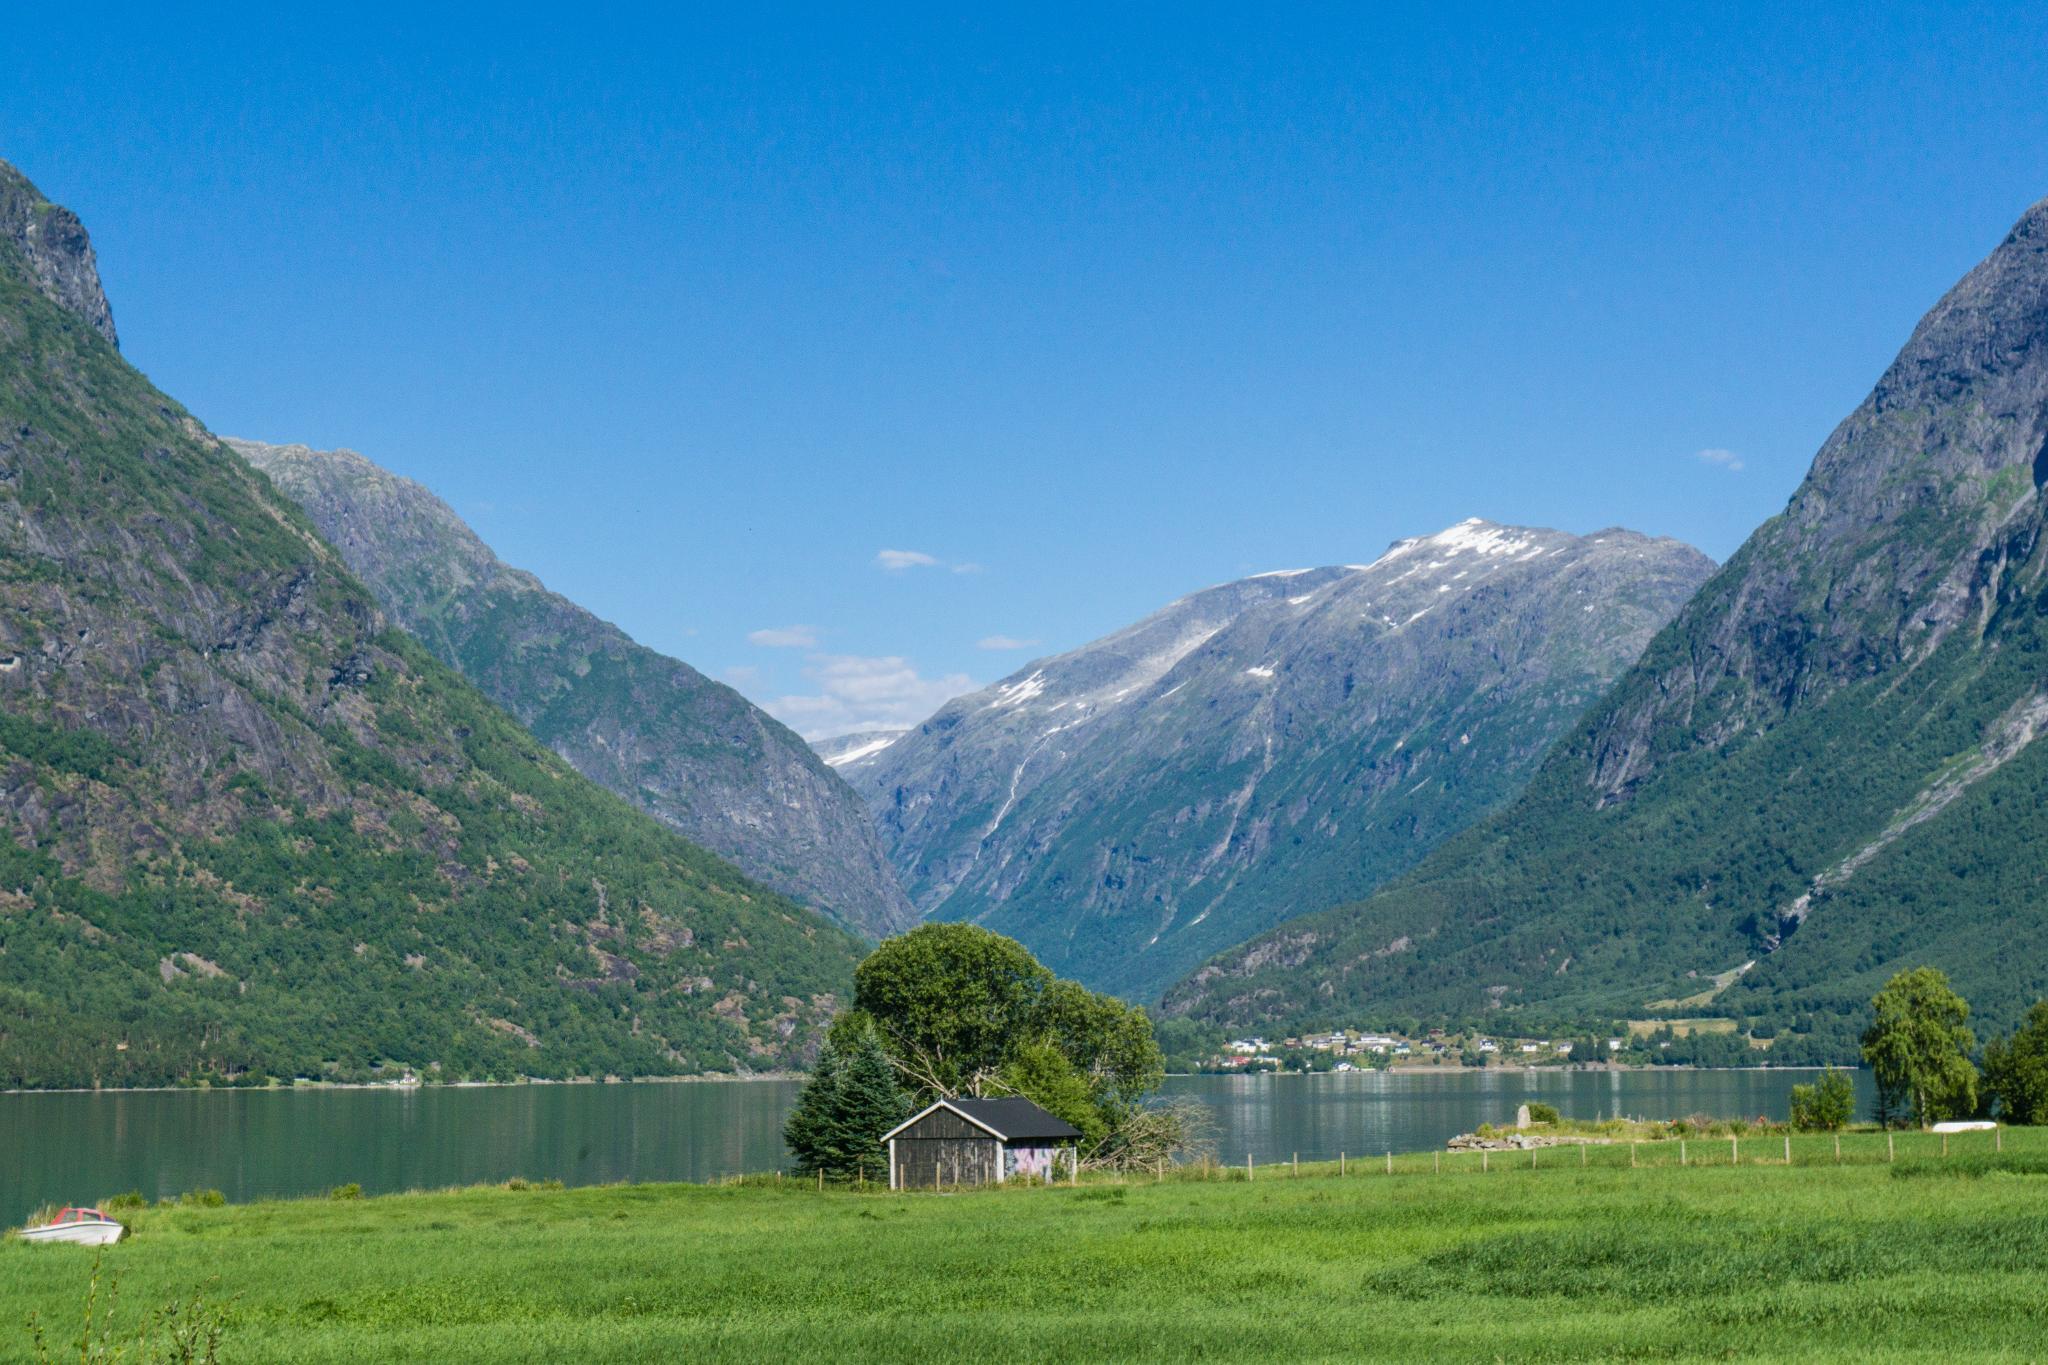 【北歐景點】朝聖歐洲大陸最大的冰河 - 挪威約詩達特冰河國家公園 (Jostedalsbreen National Park) 6